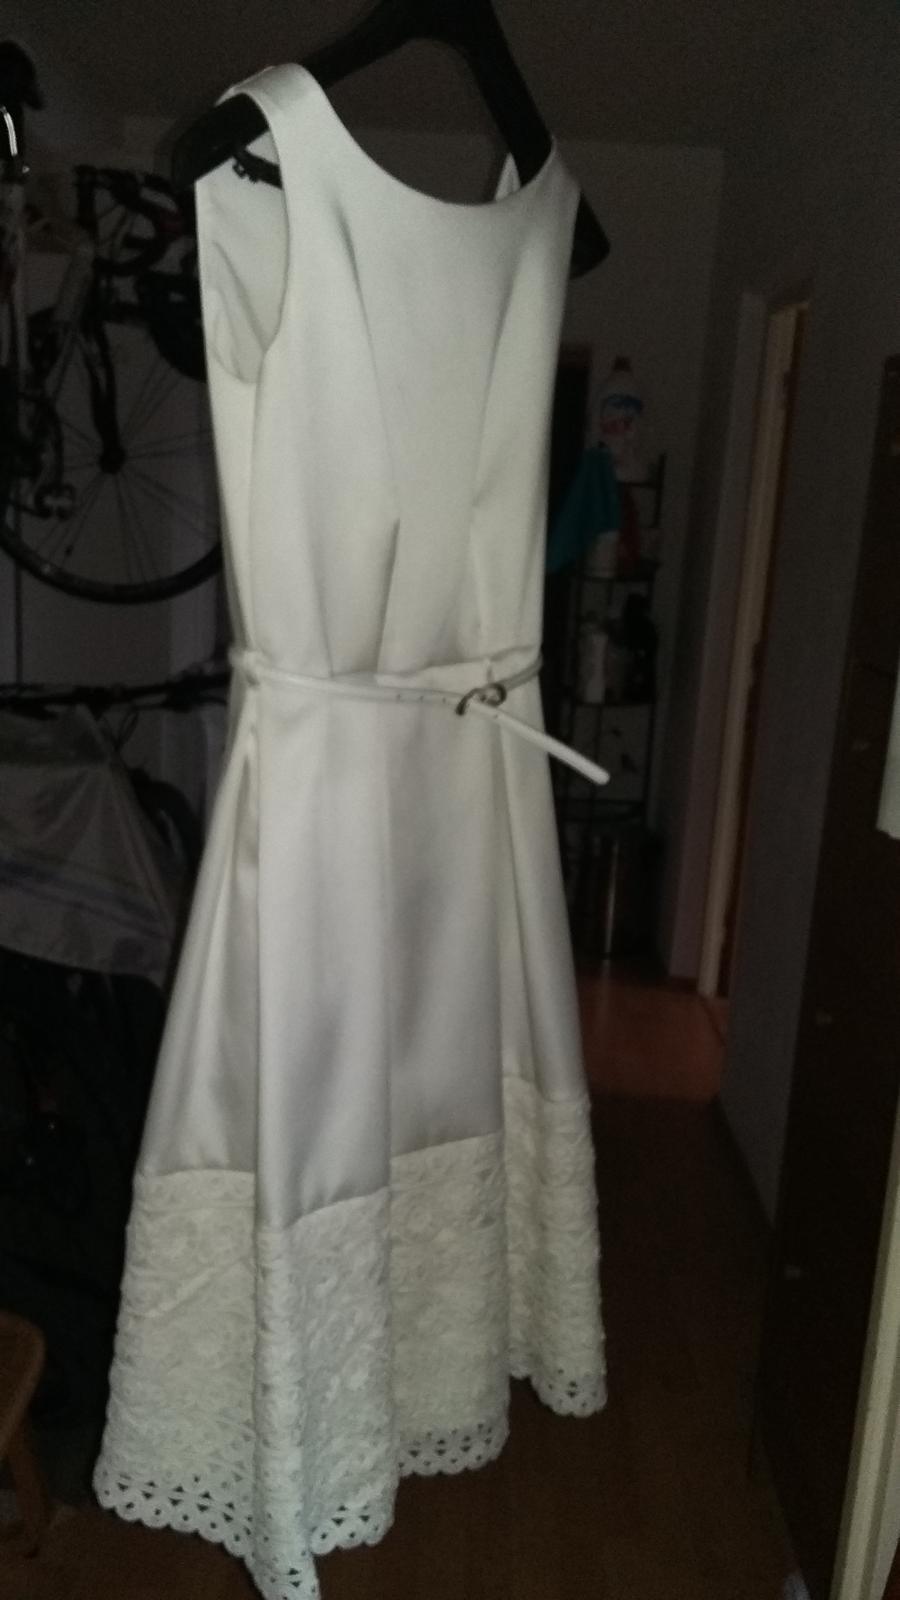 Biele saténové šaty zn. Closet - Obrázok č. 3